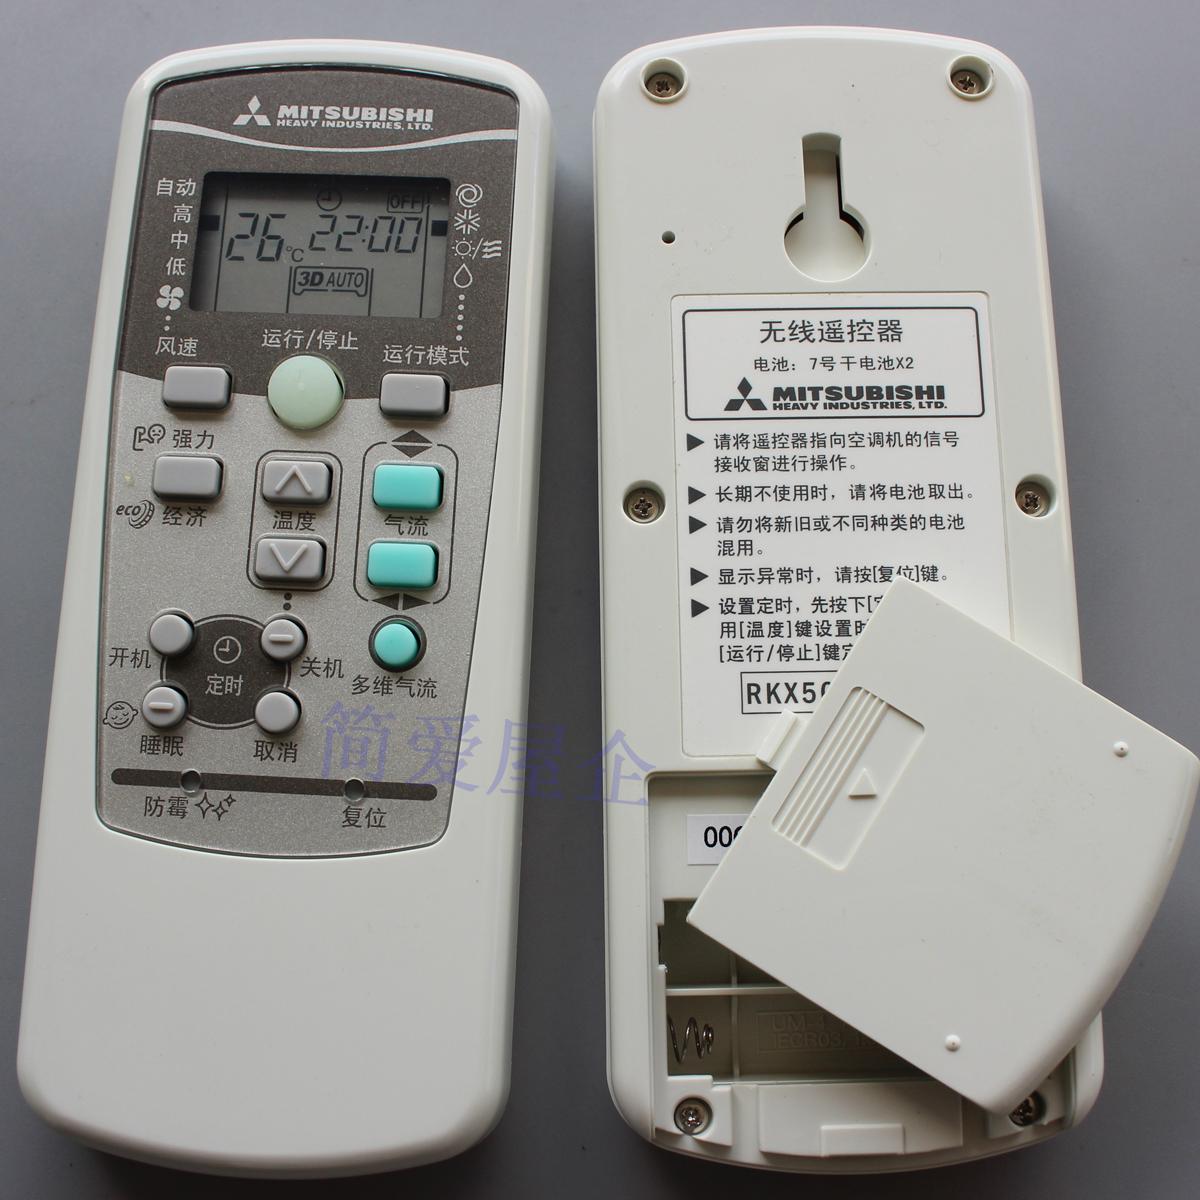 包邮 原厂原装三菱空调遥控器 RKX502A001F 502A001S A017A A001B